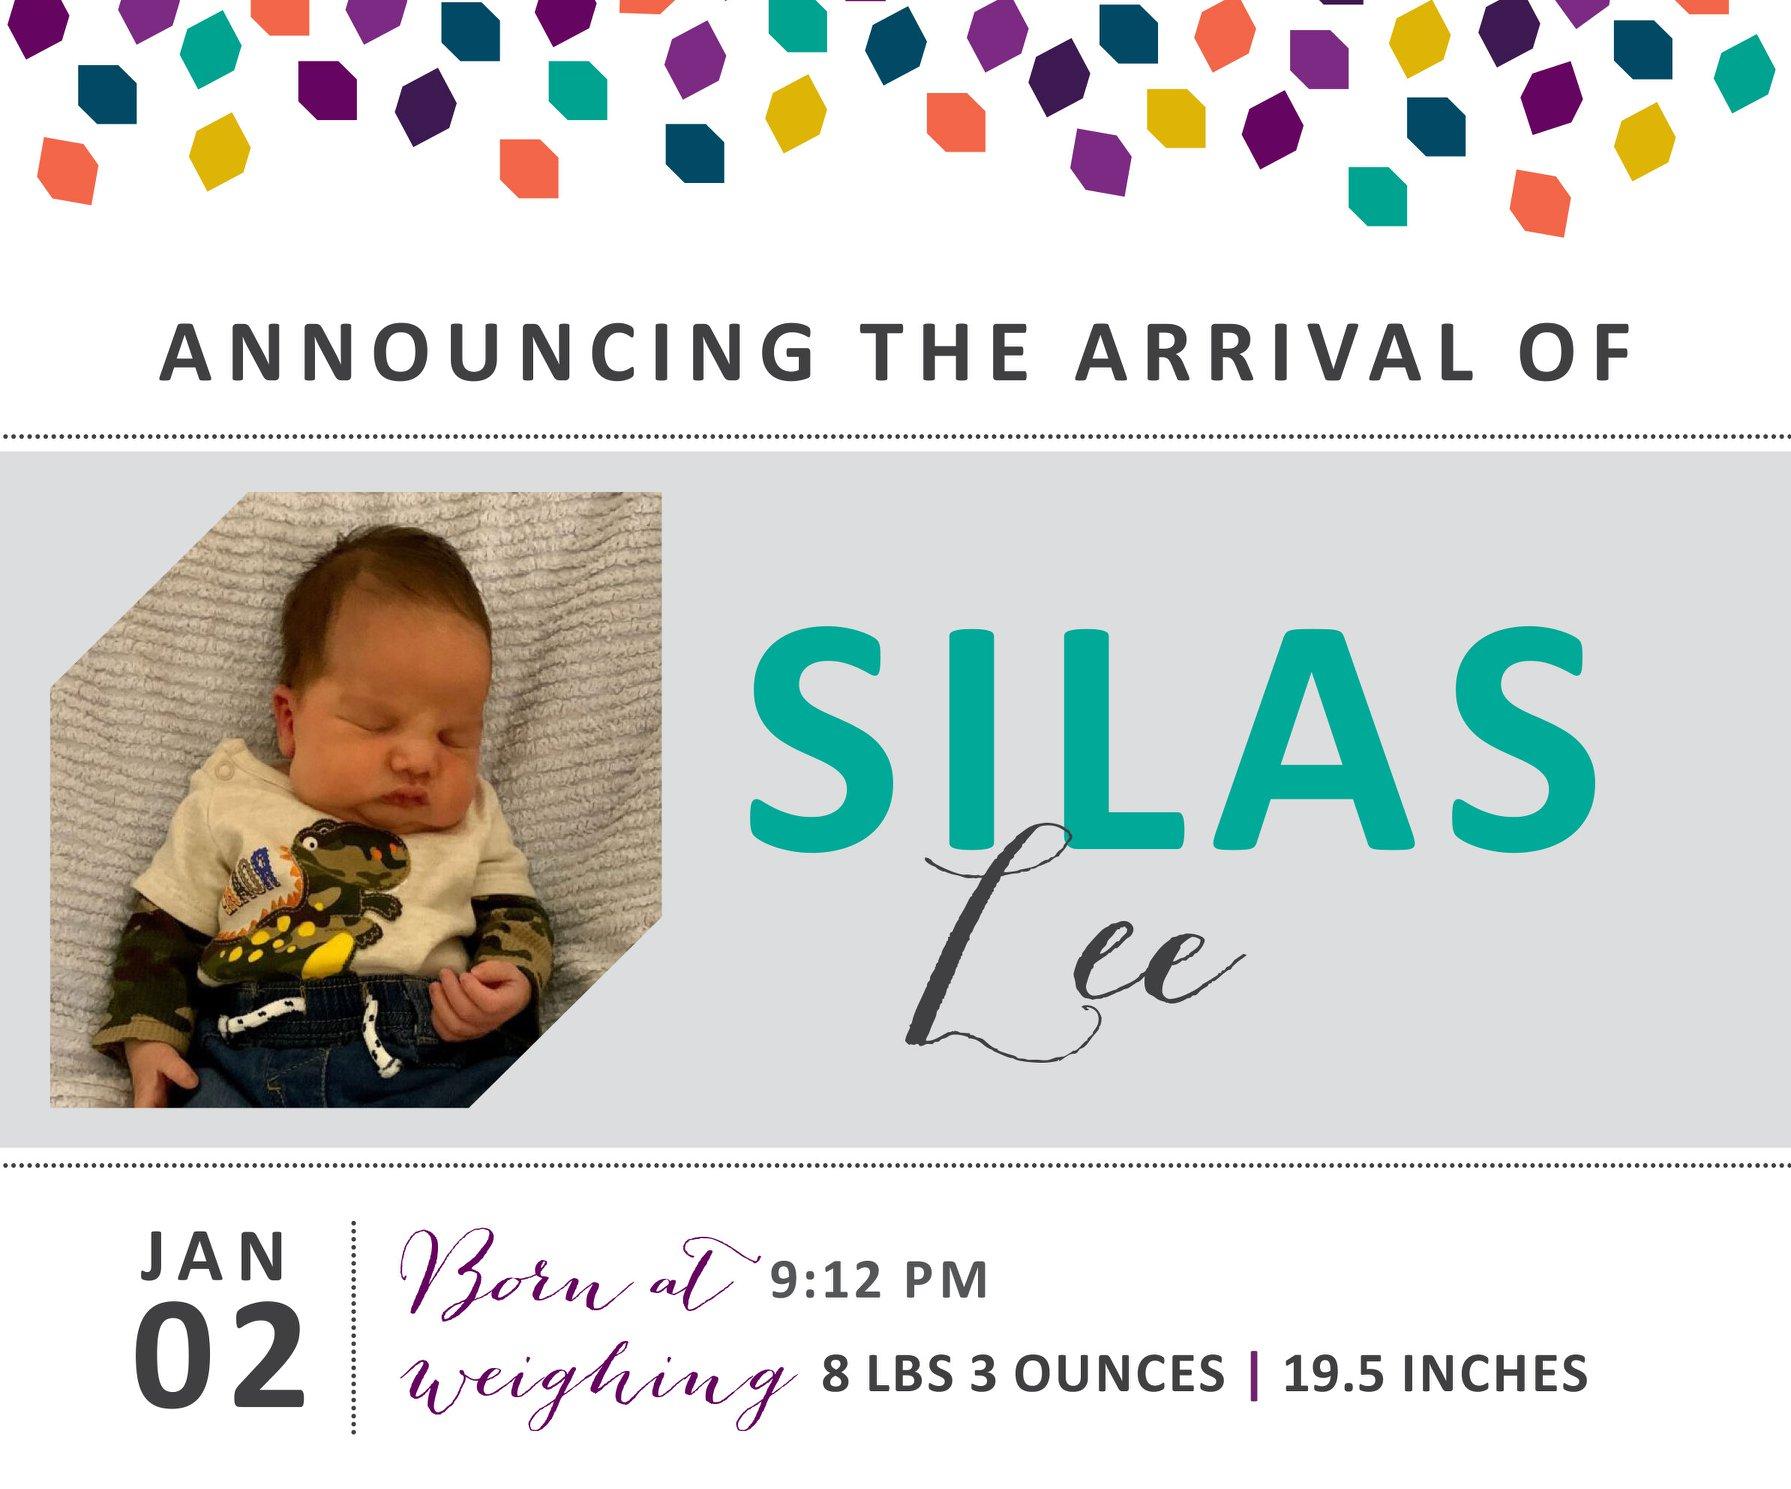 Silas Lee 1